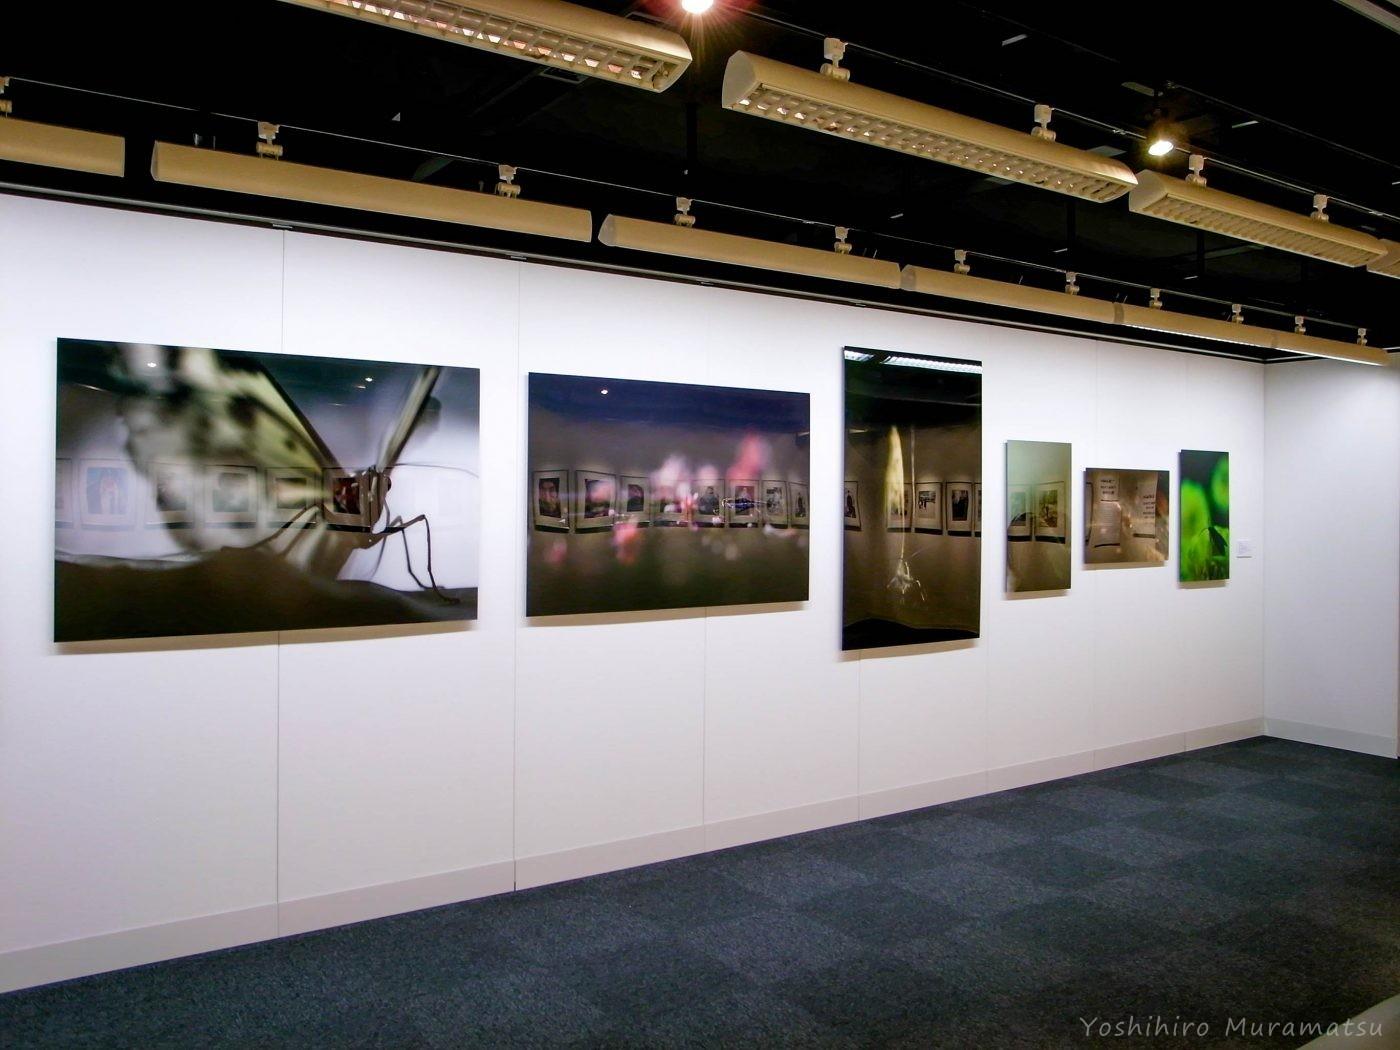 ニコンサロン大阪の写真